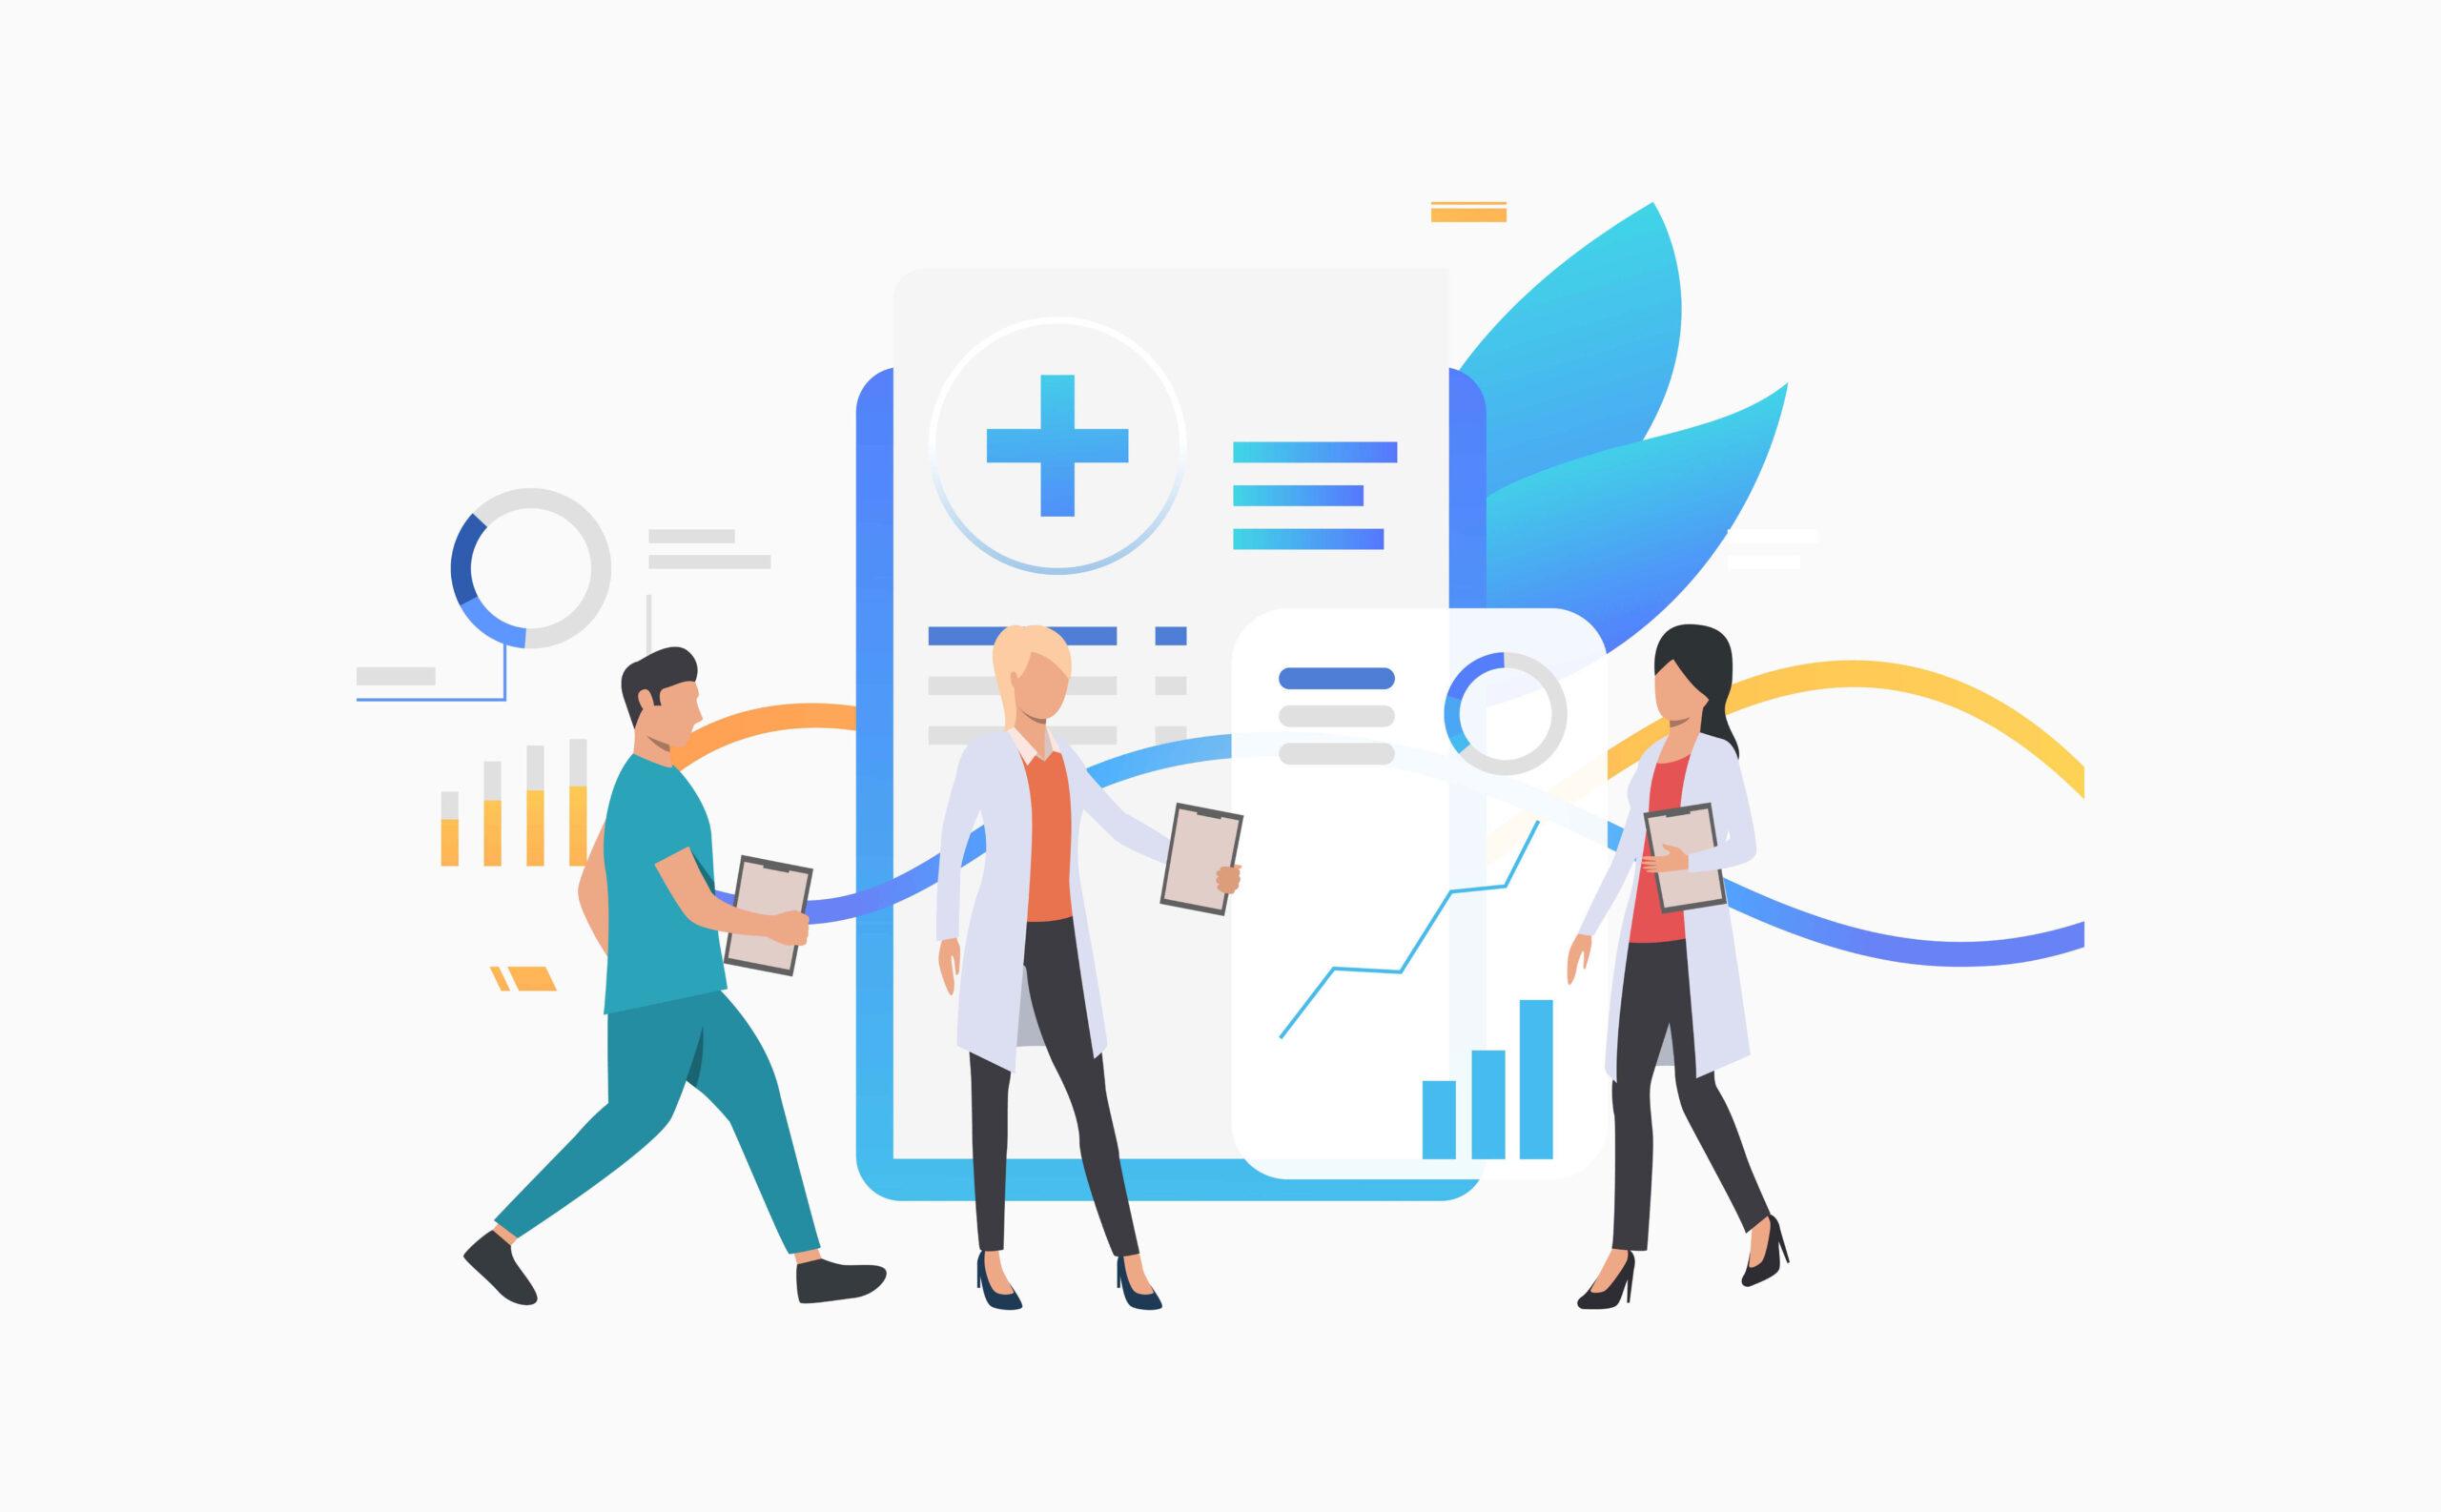 اصول سئو برای وب سایت پزشکان